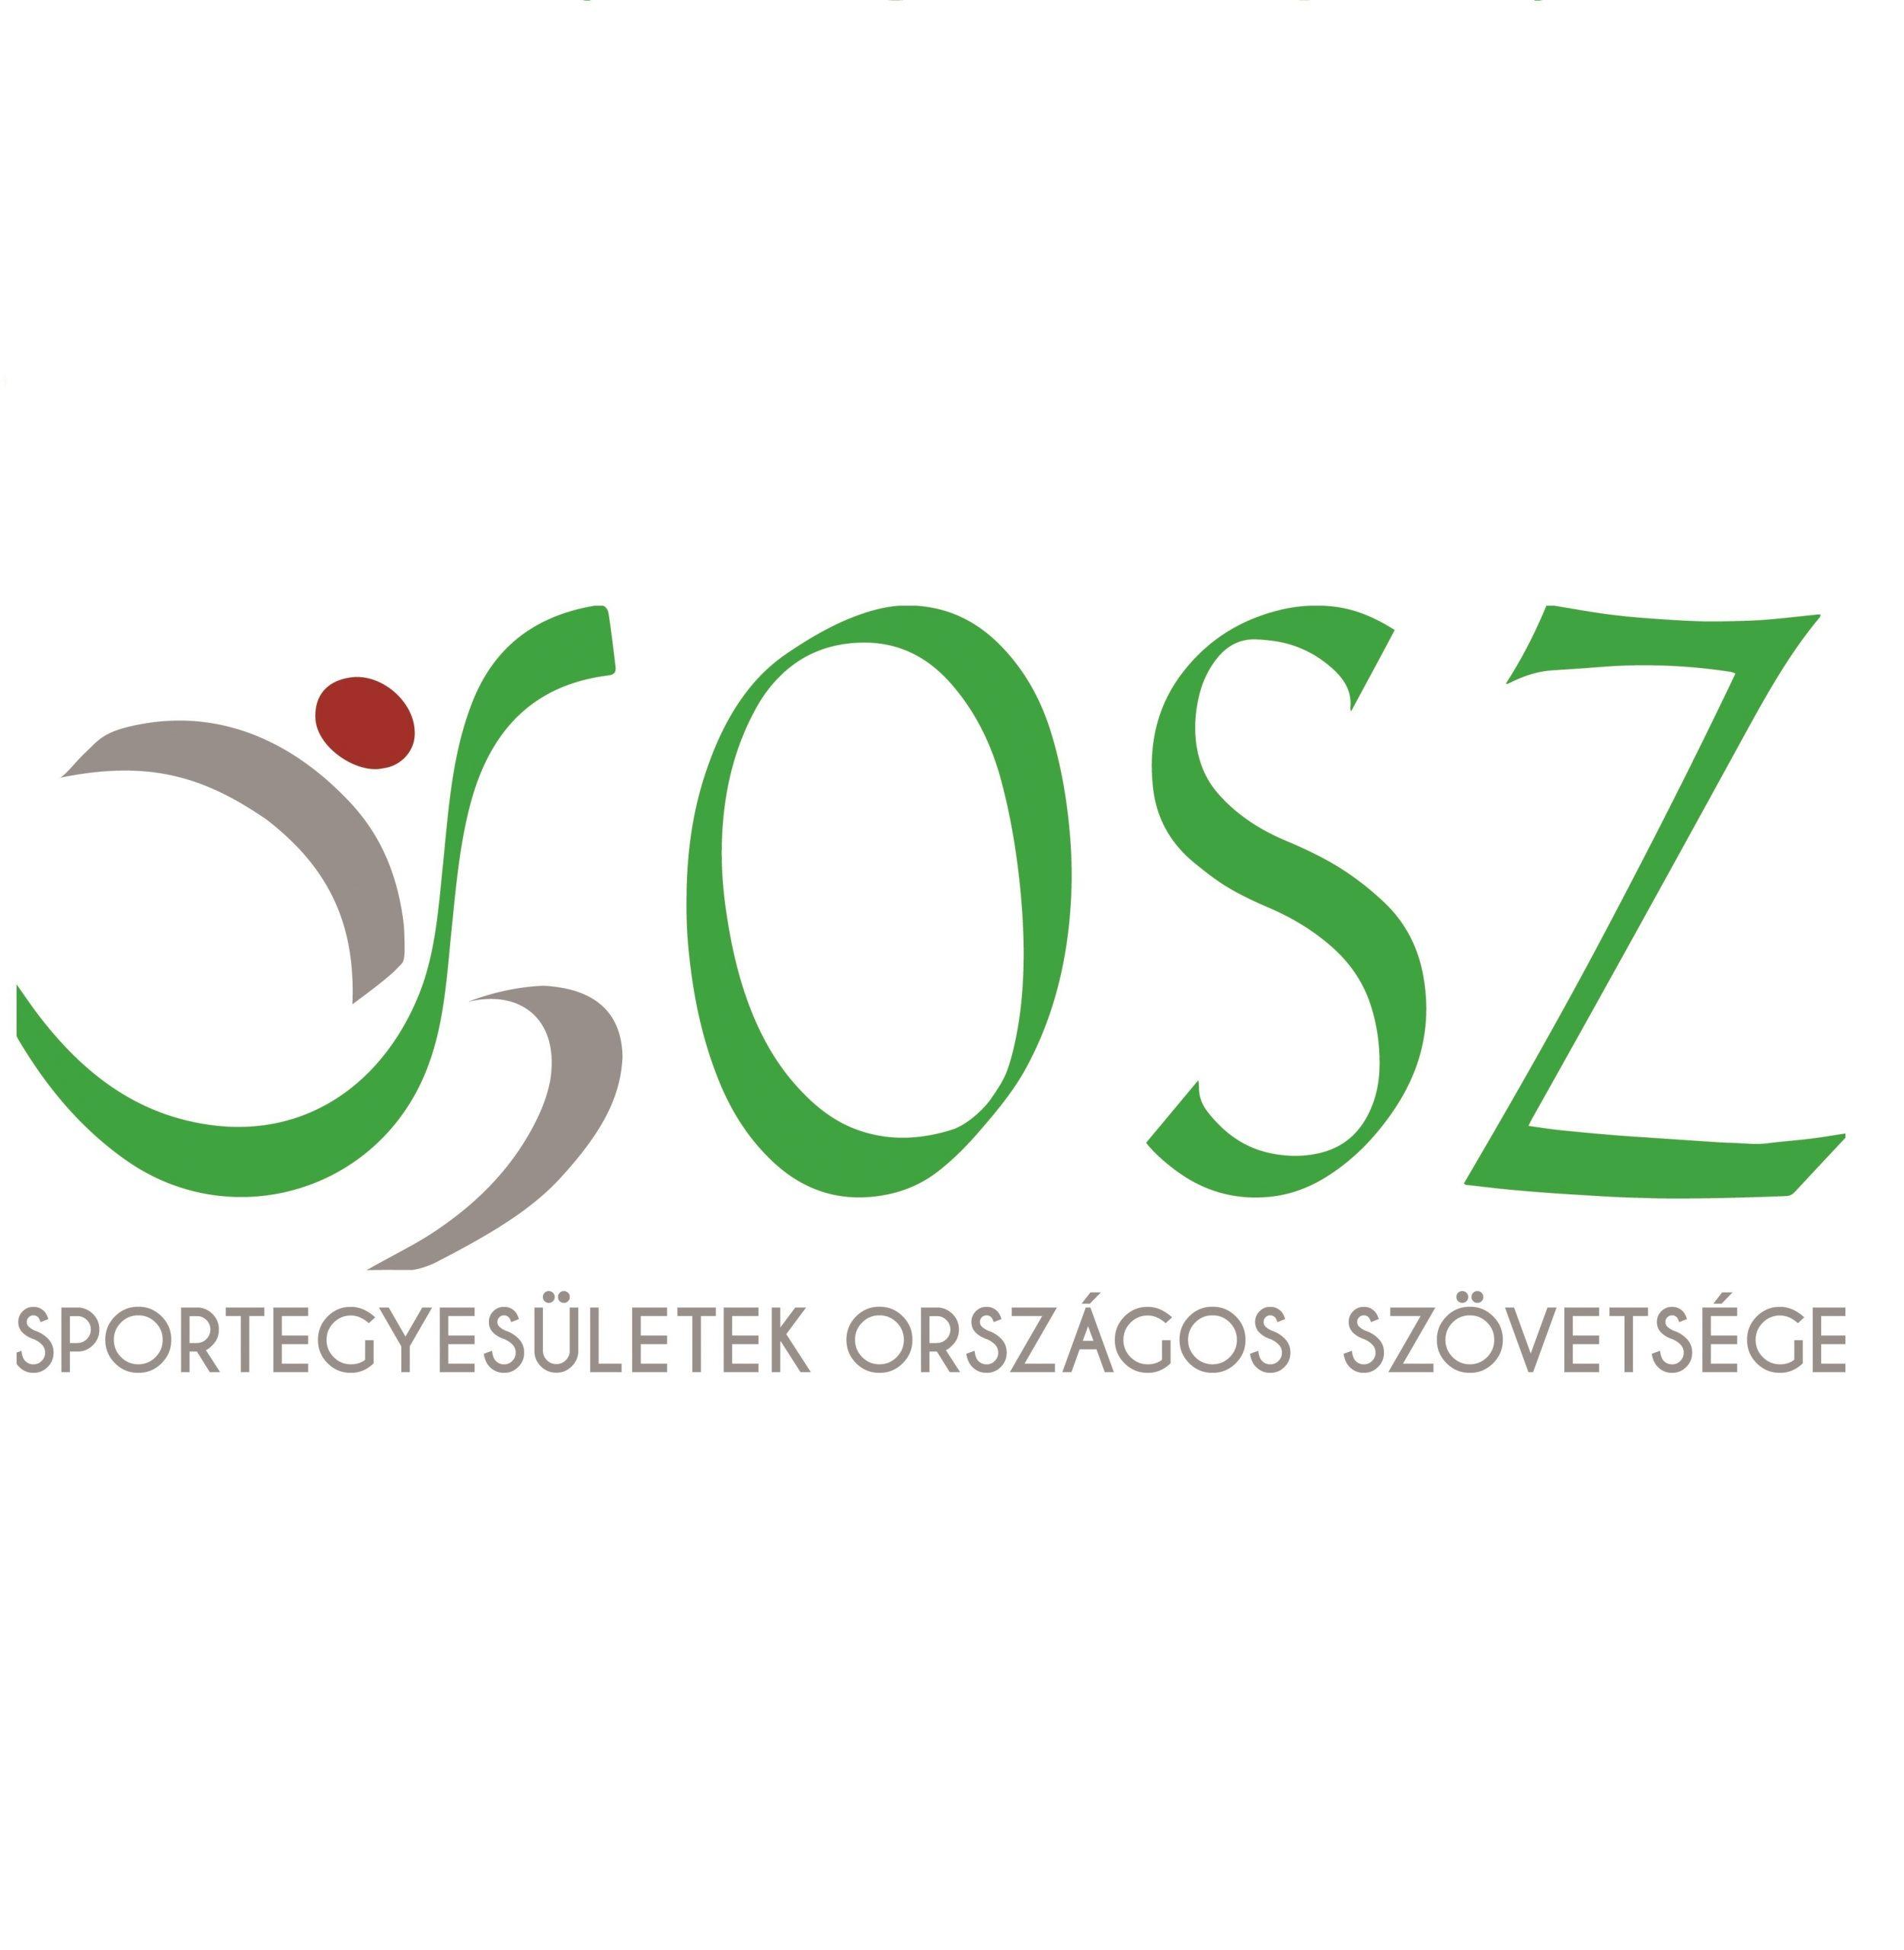 Sportegyesületek Országos Szövetsége